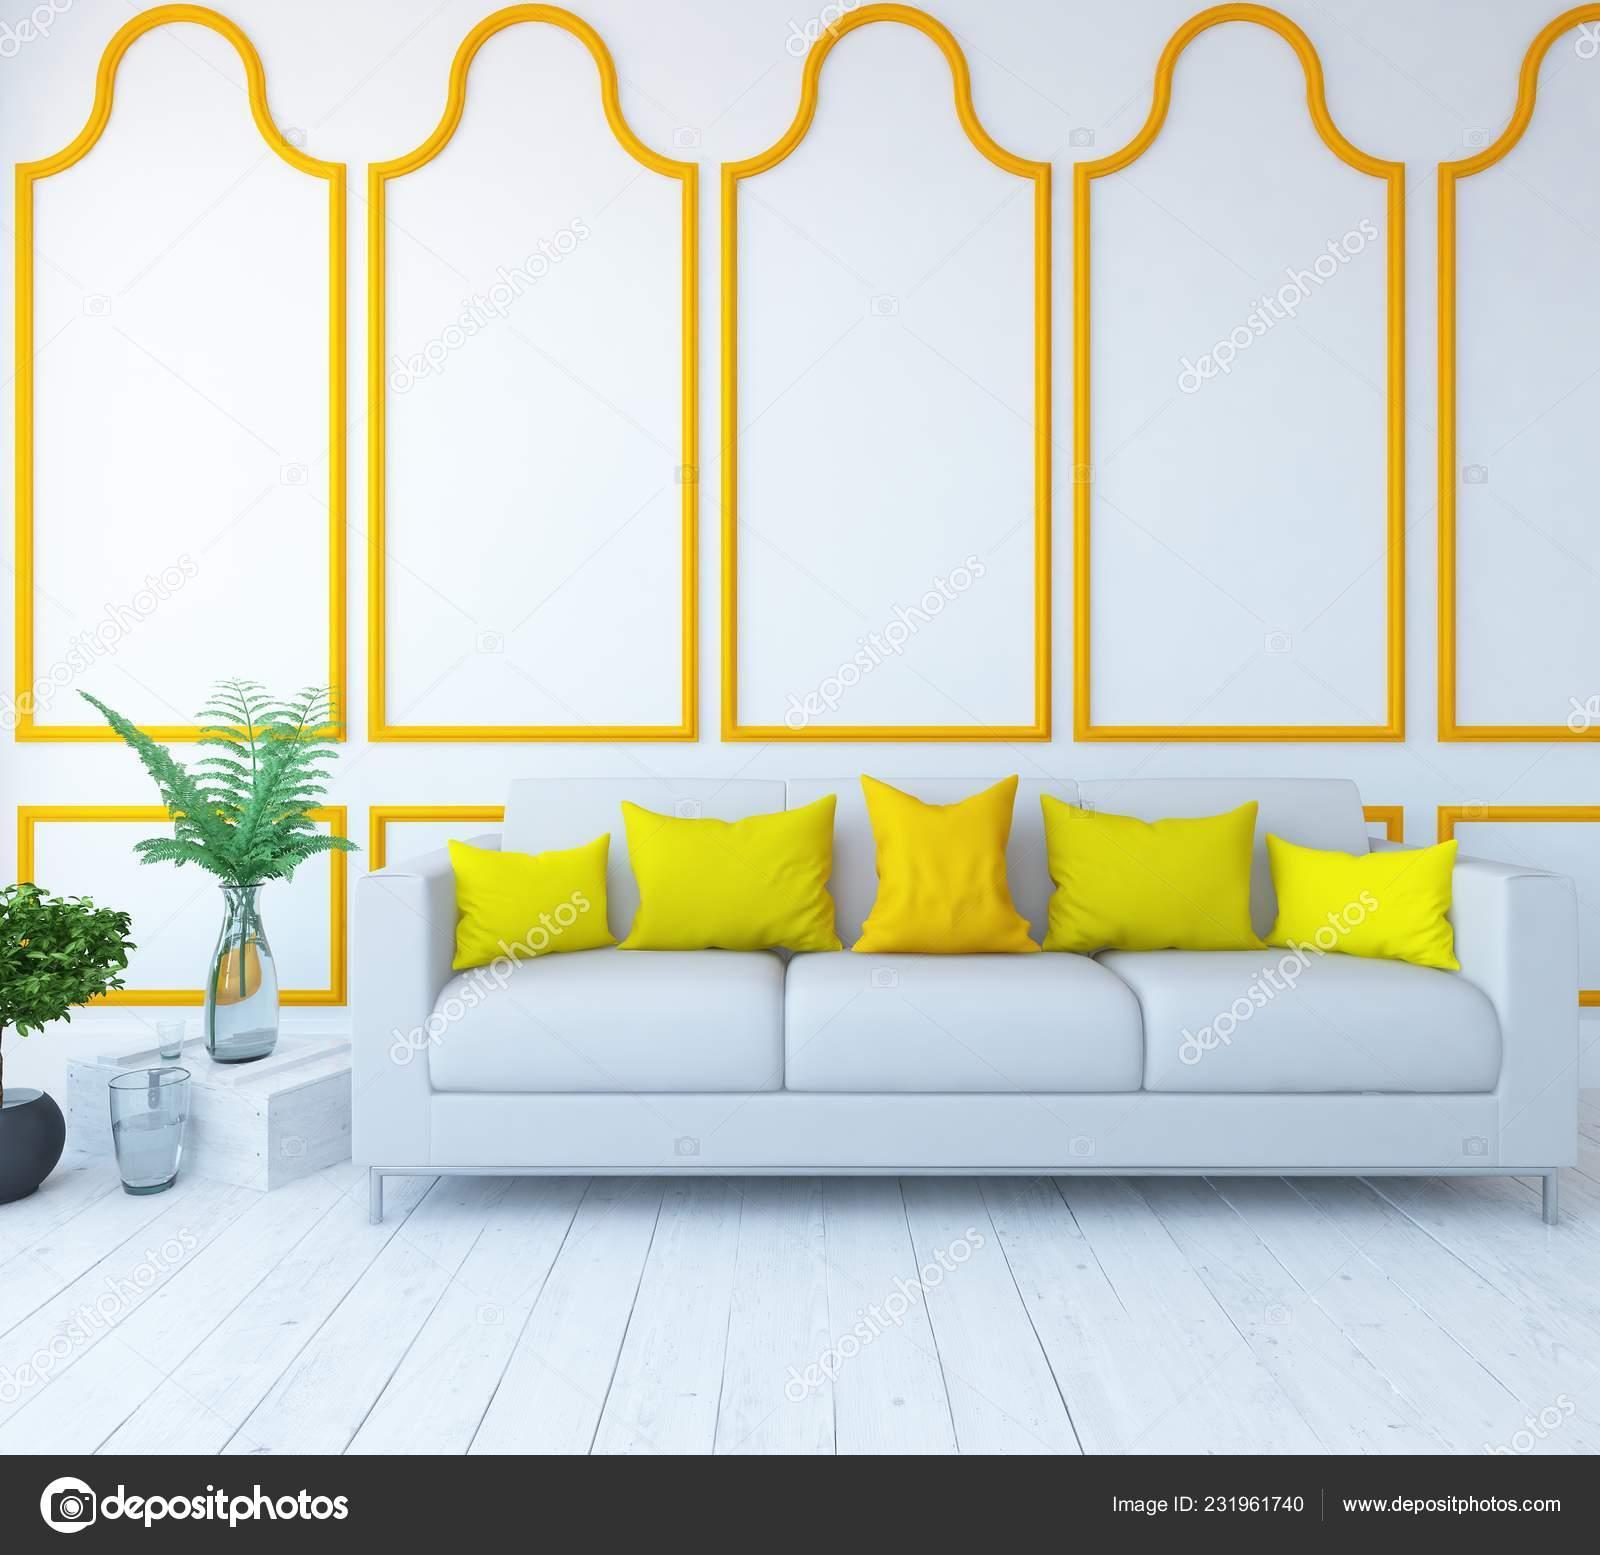 Room Interior Vases Wooden Floor